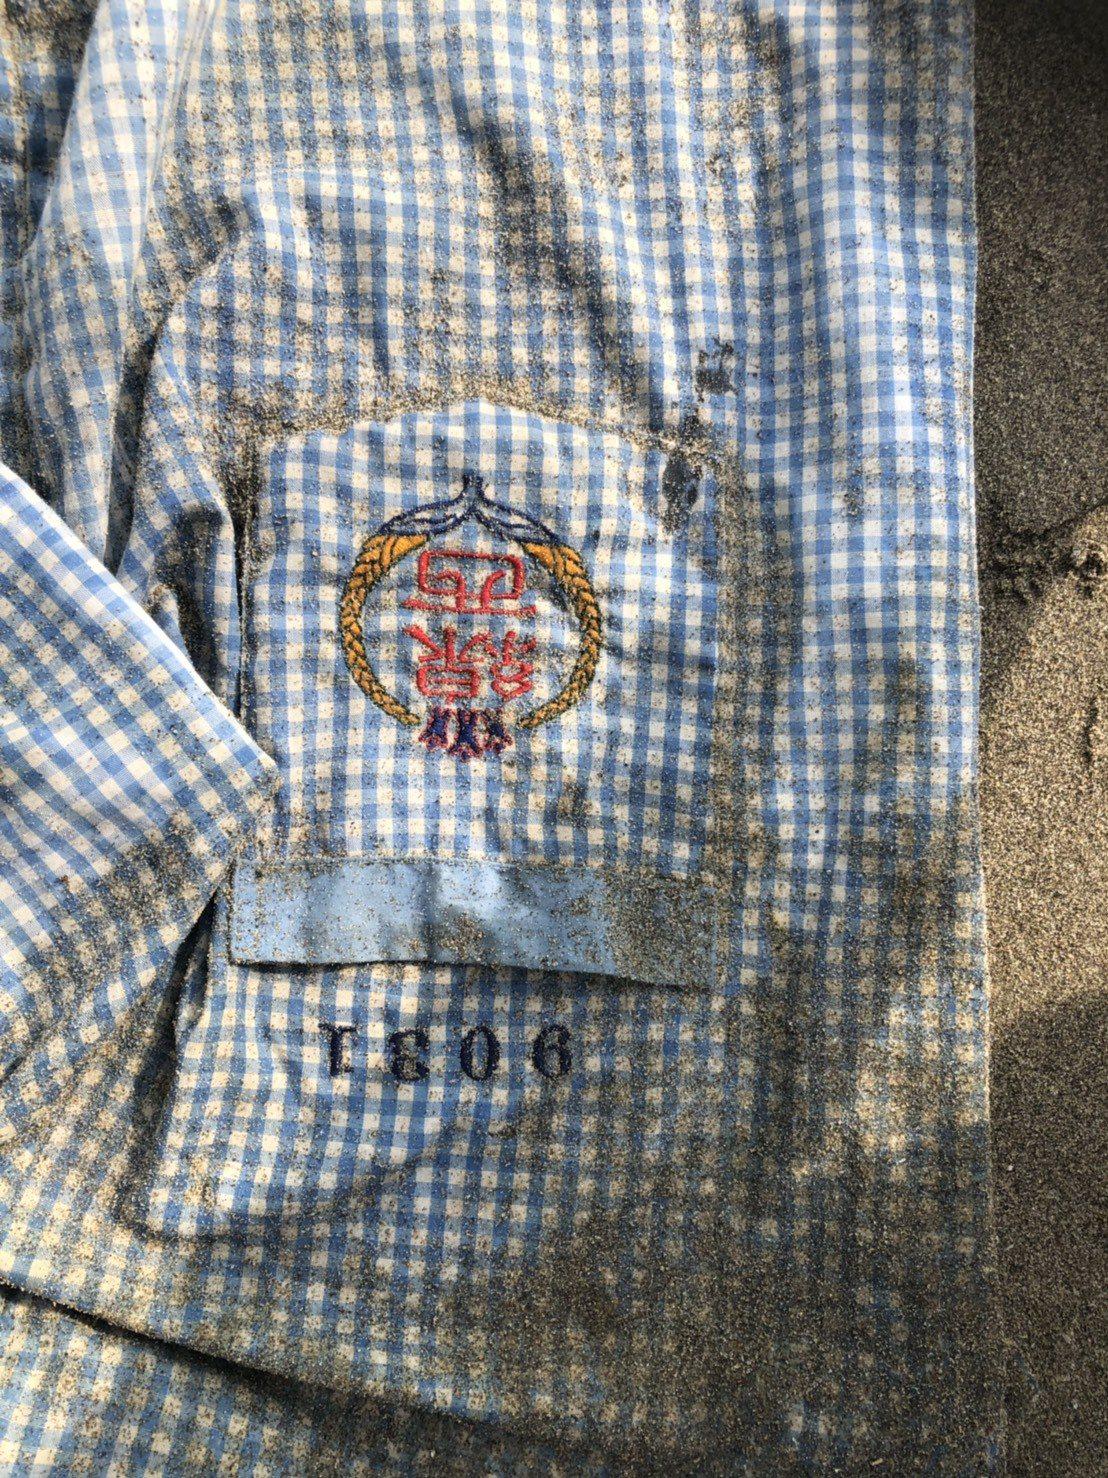 男子陳屍在苗栗縣後龍海灘,沒有證件,身上僅有「線西」字樣的制服,警方呼籲民眾協助...